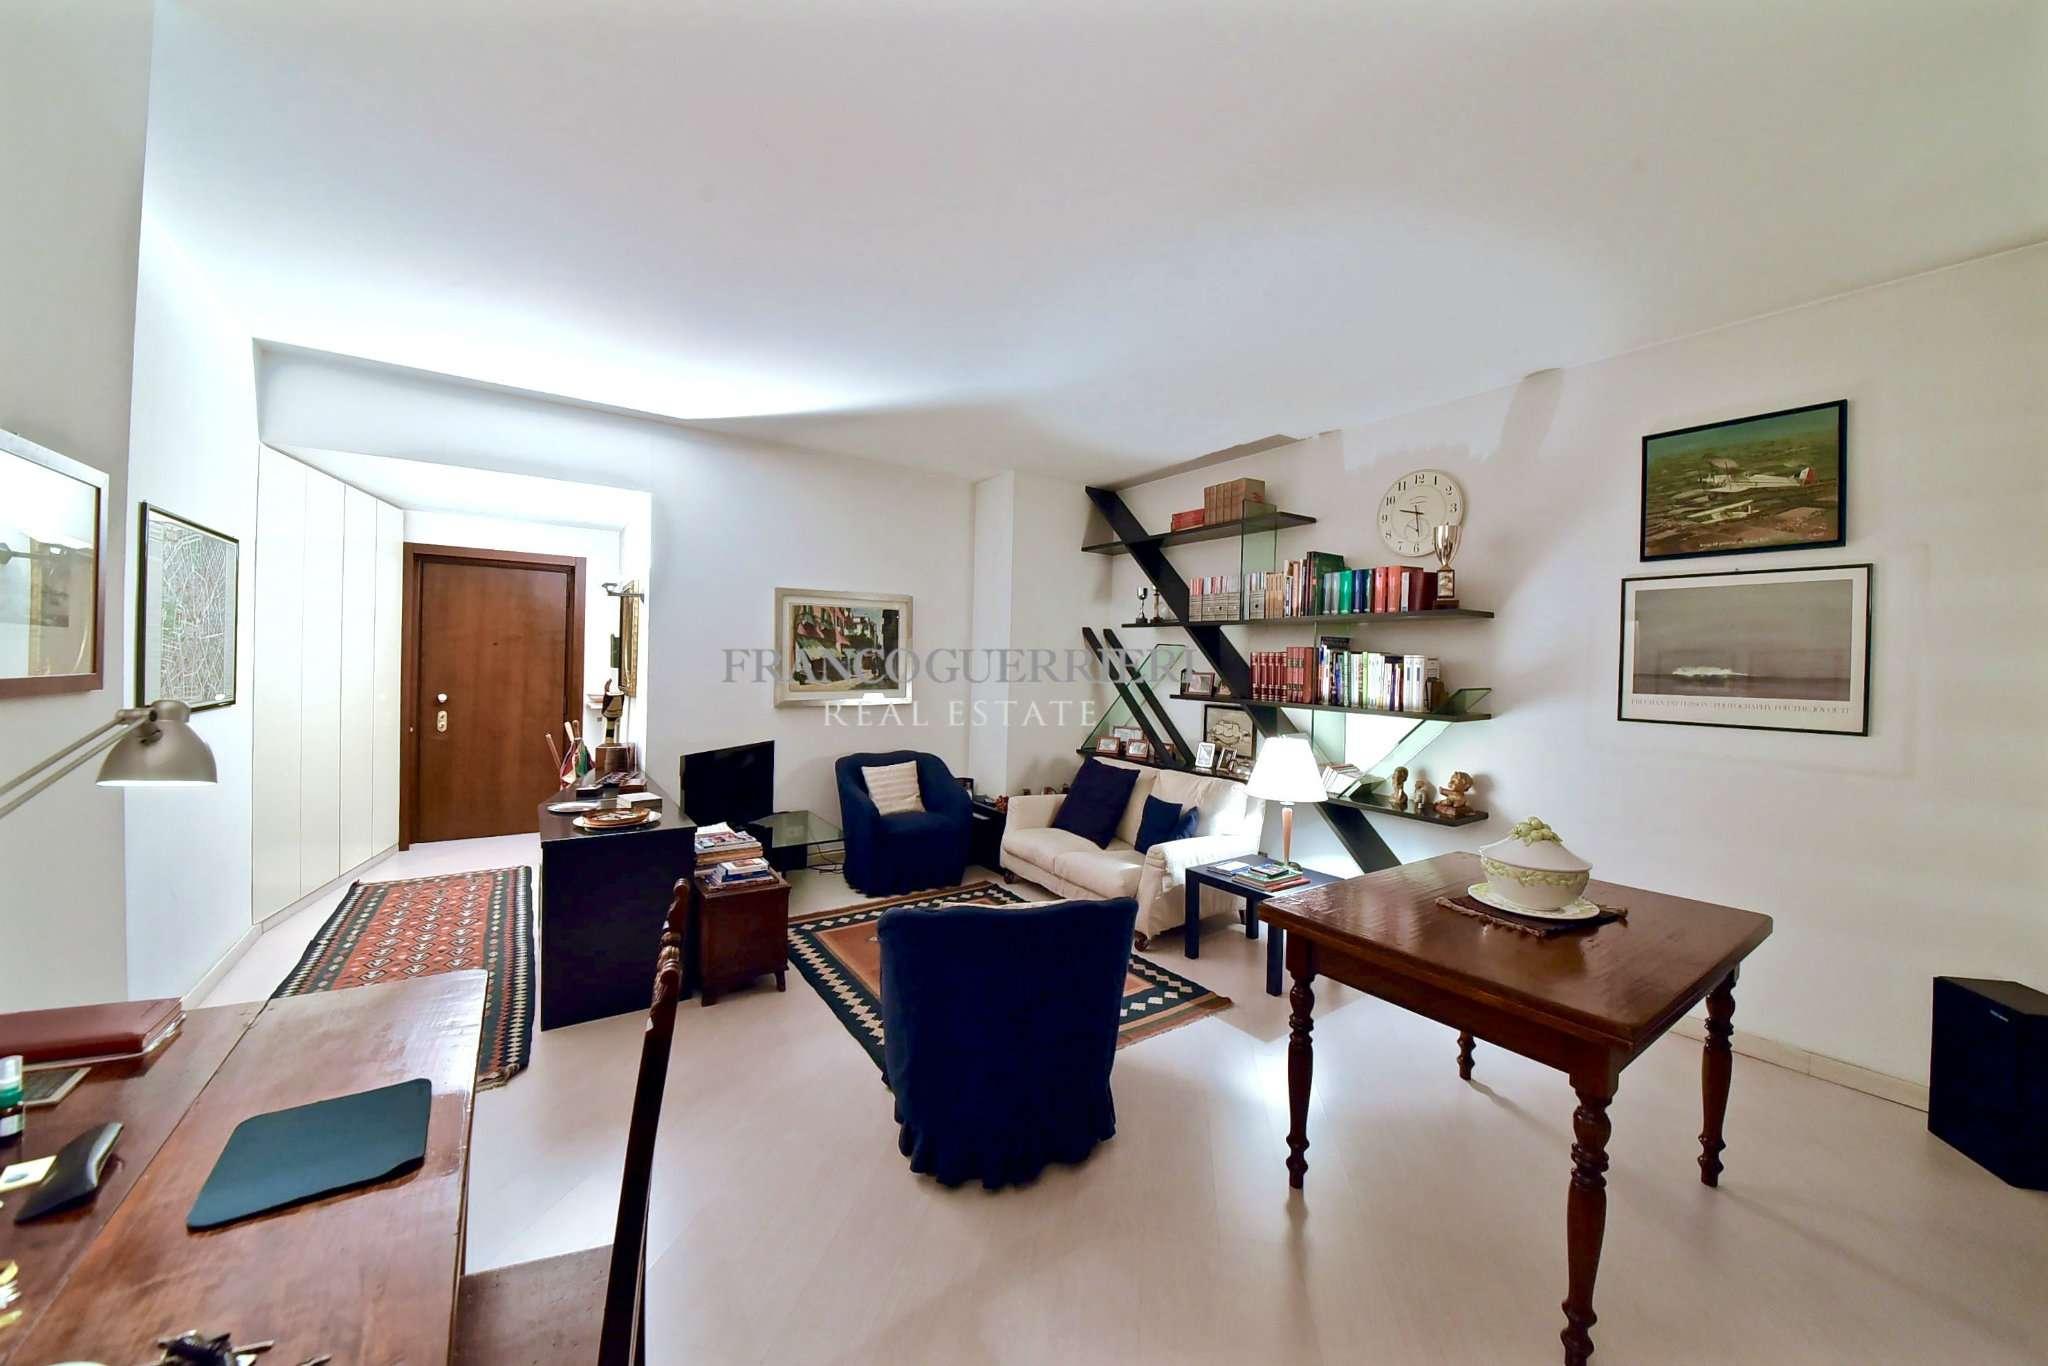 Appartamento in Vendita a Monza: 2 locali, 95 mq